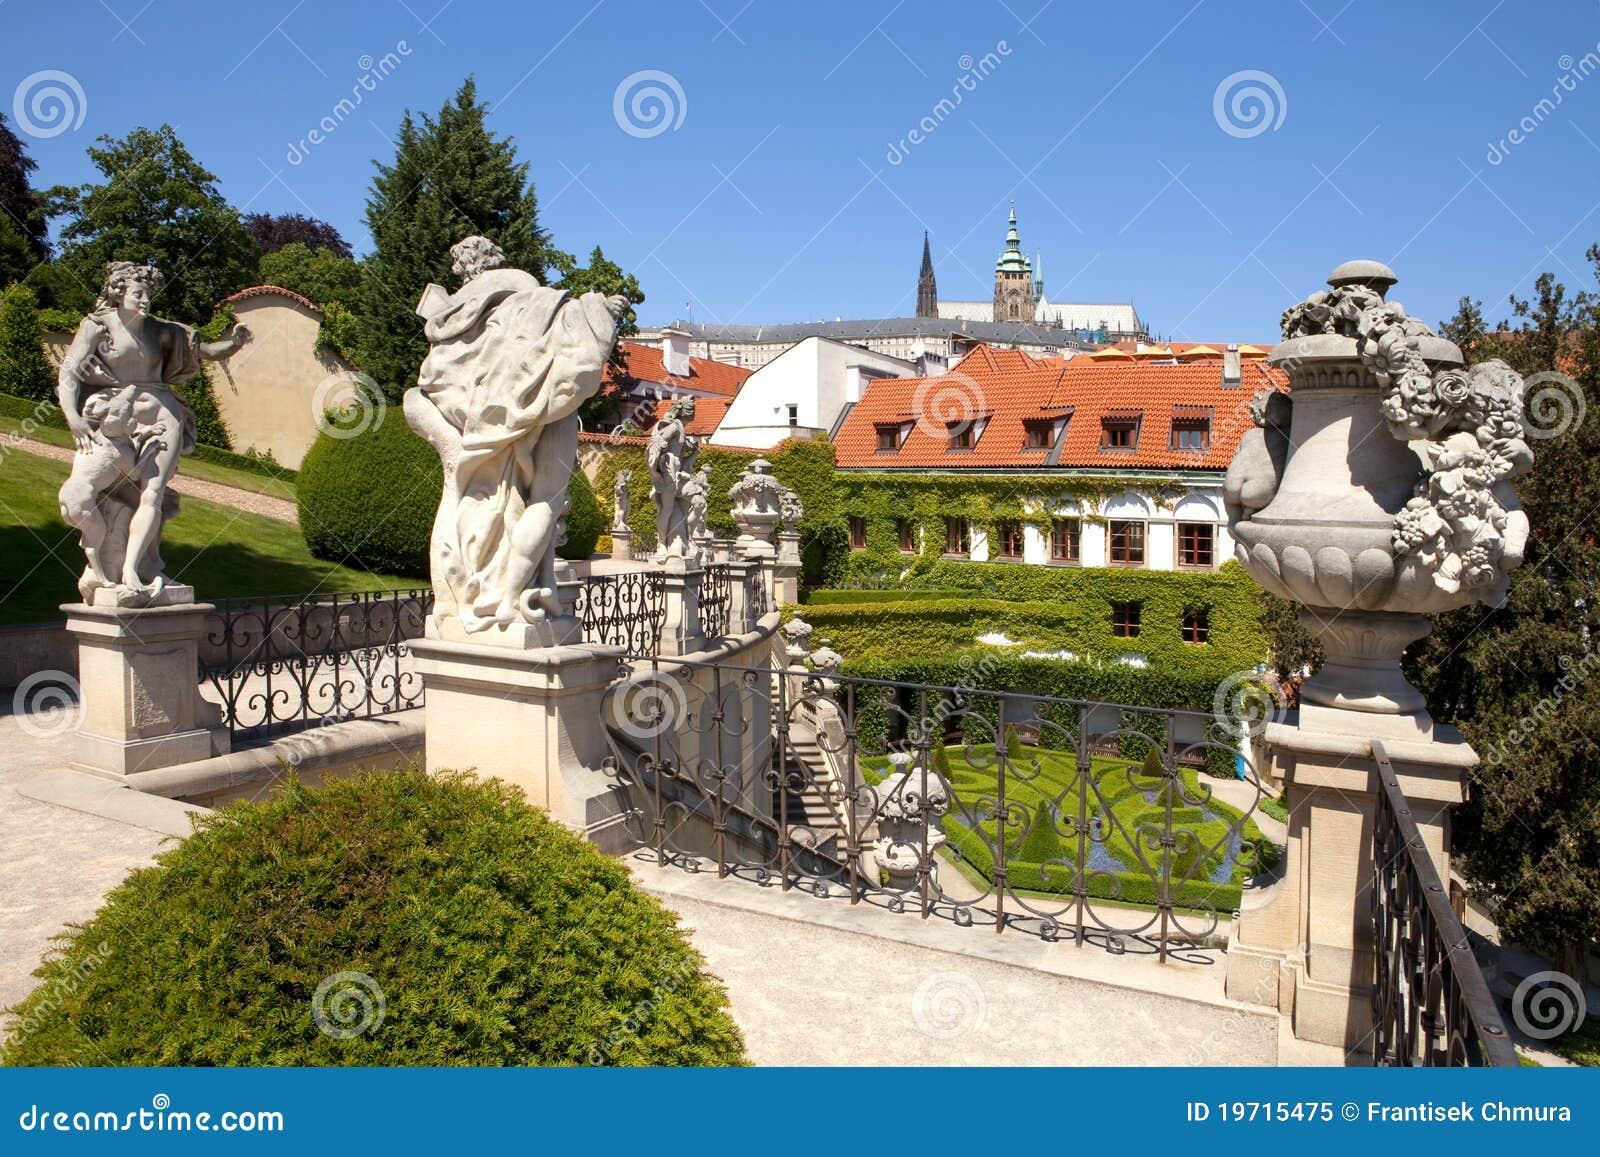 vrtba garden prague czech - photo #10